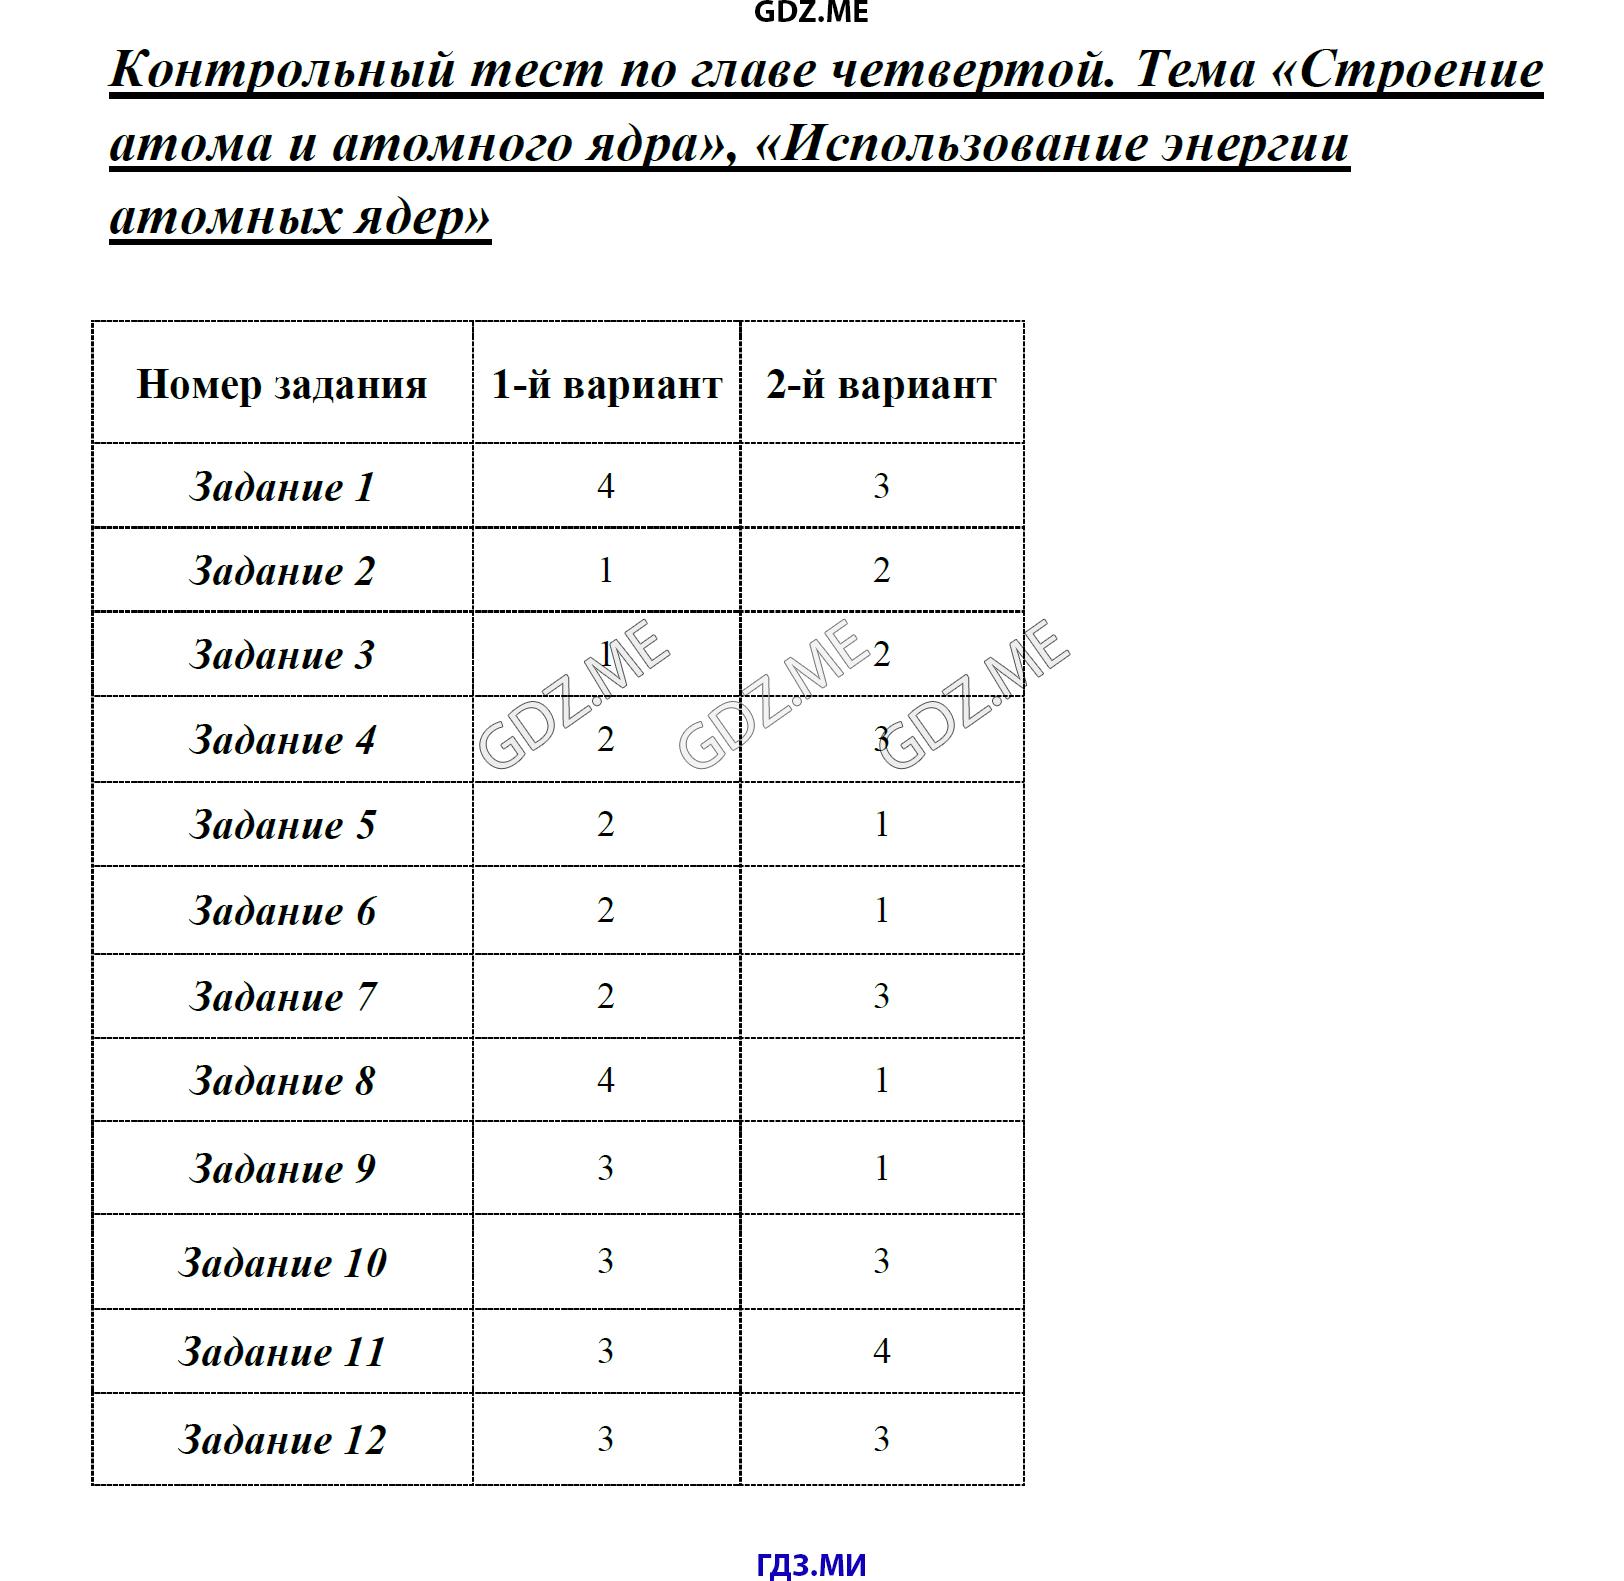 ГДЗ по физике класс Громцева тесты решебник Контрольный тест по главе №4